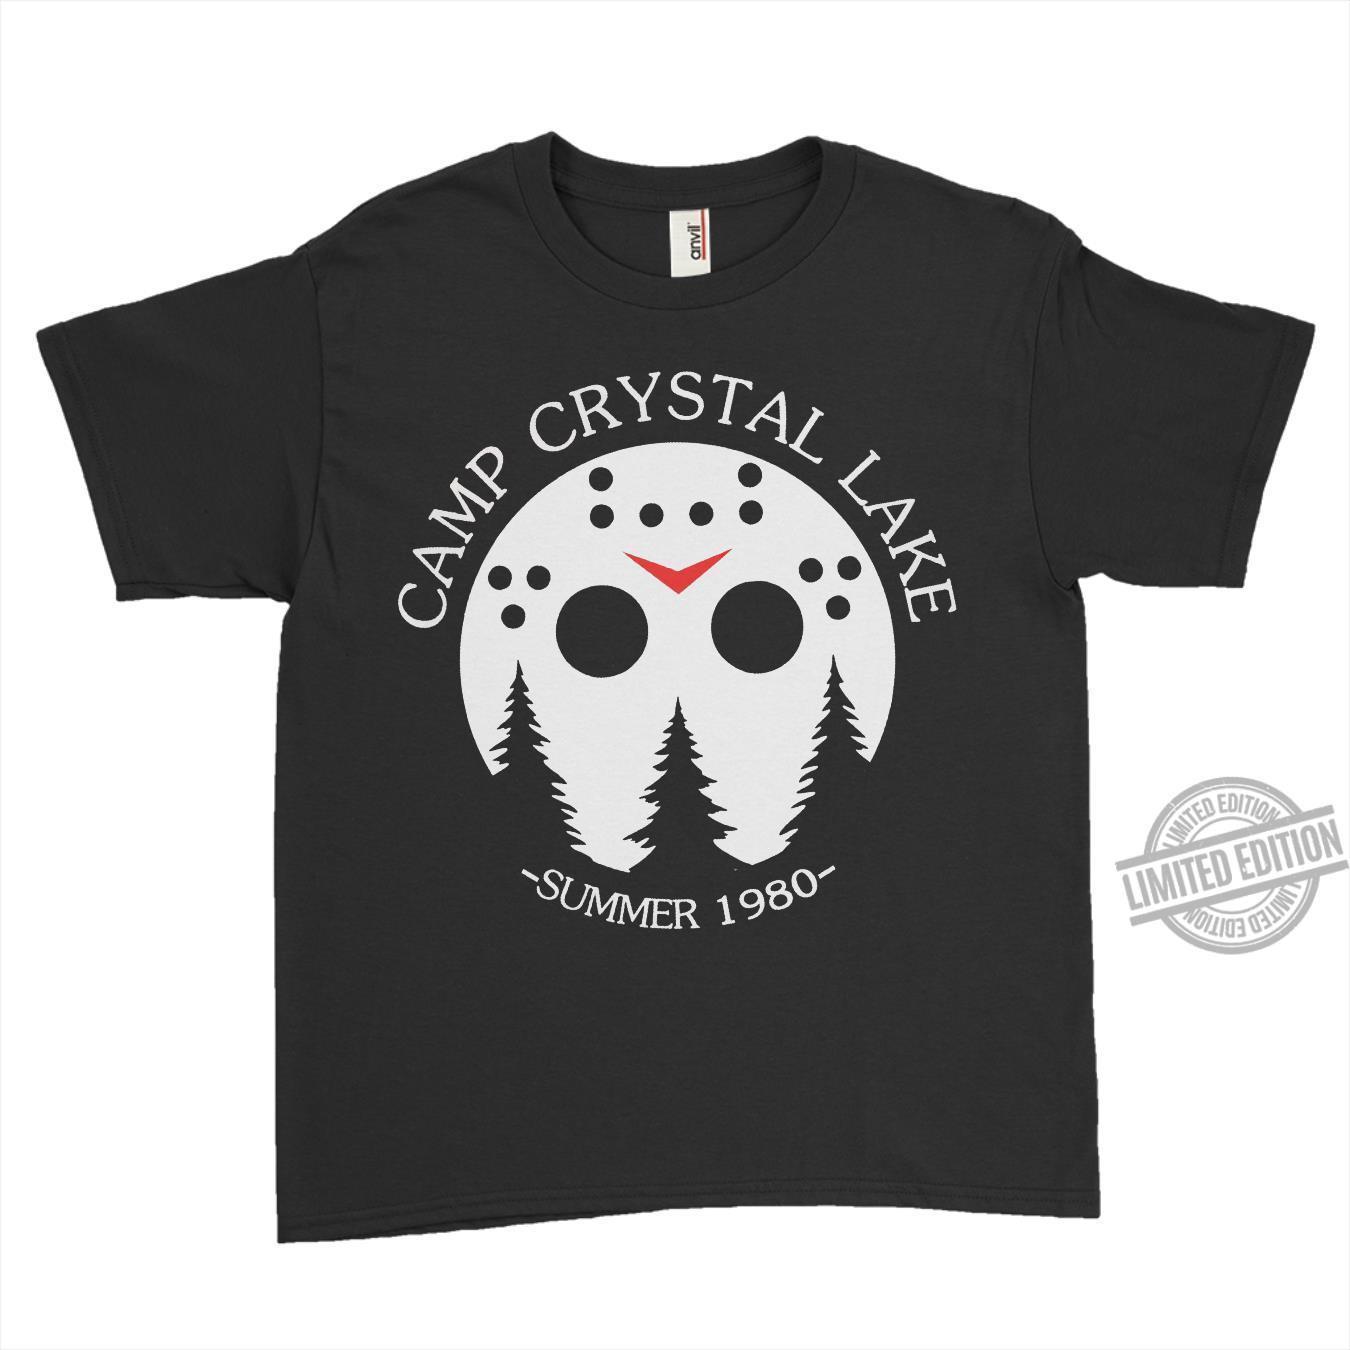 Camp Crytal Lake Summer 1980 Shirt